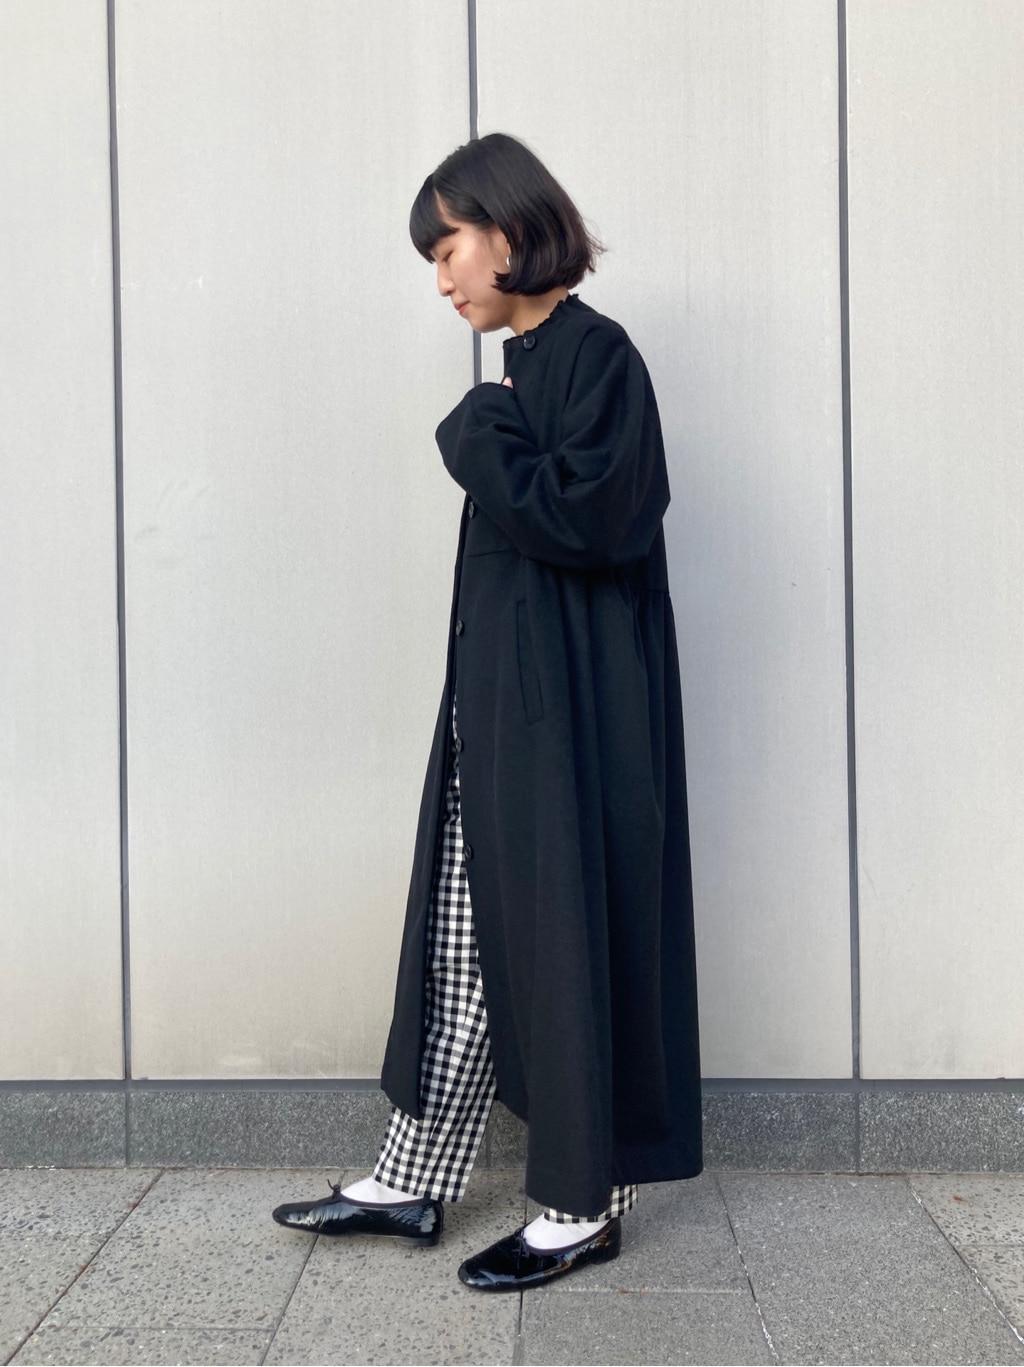 l'atelier du savon 東京スカイツリータウン・ソラマチ 身長:152cm 2021.01.21